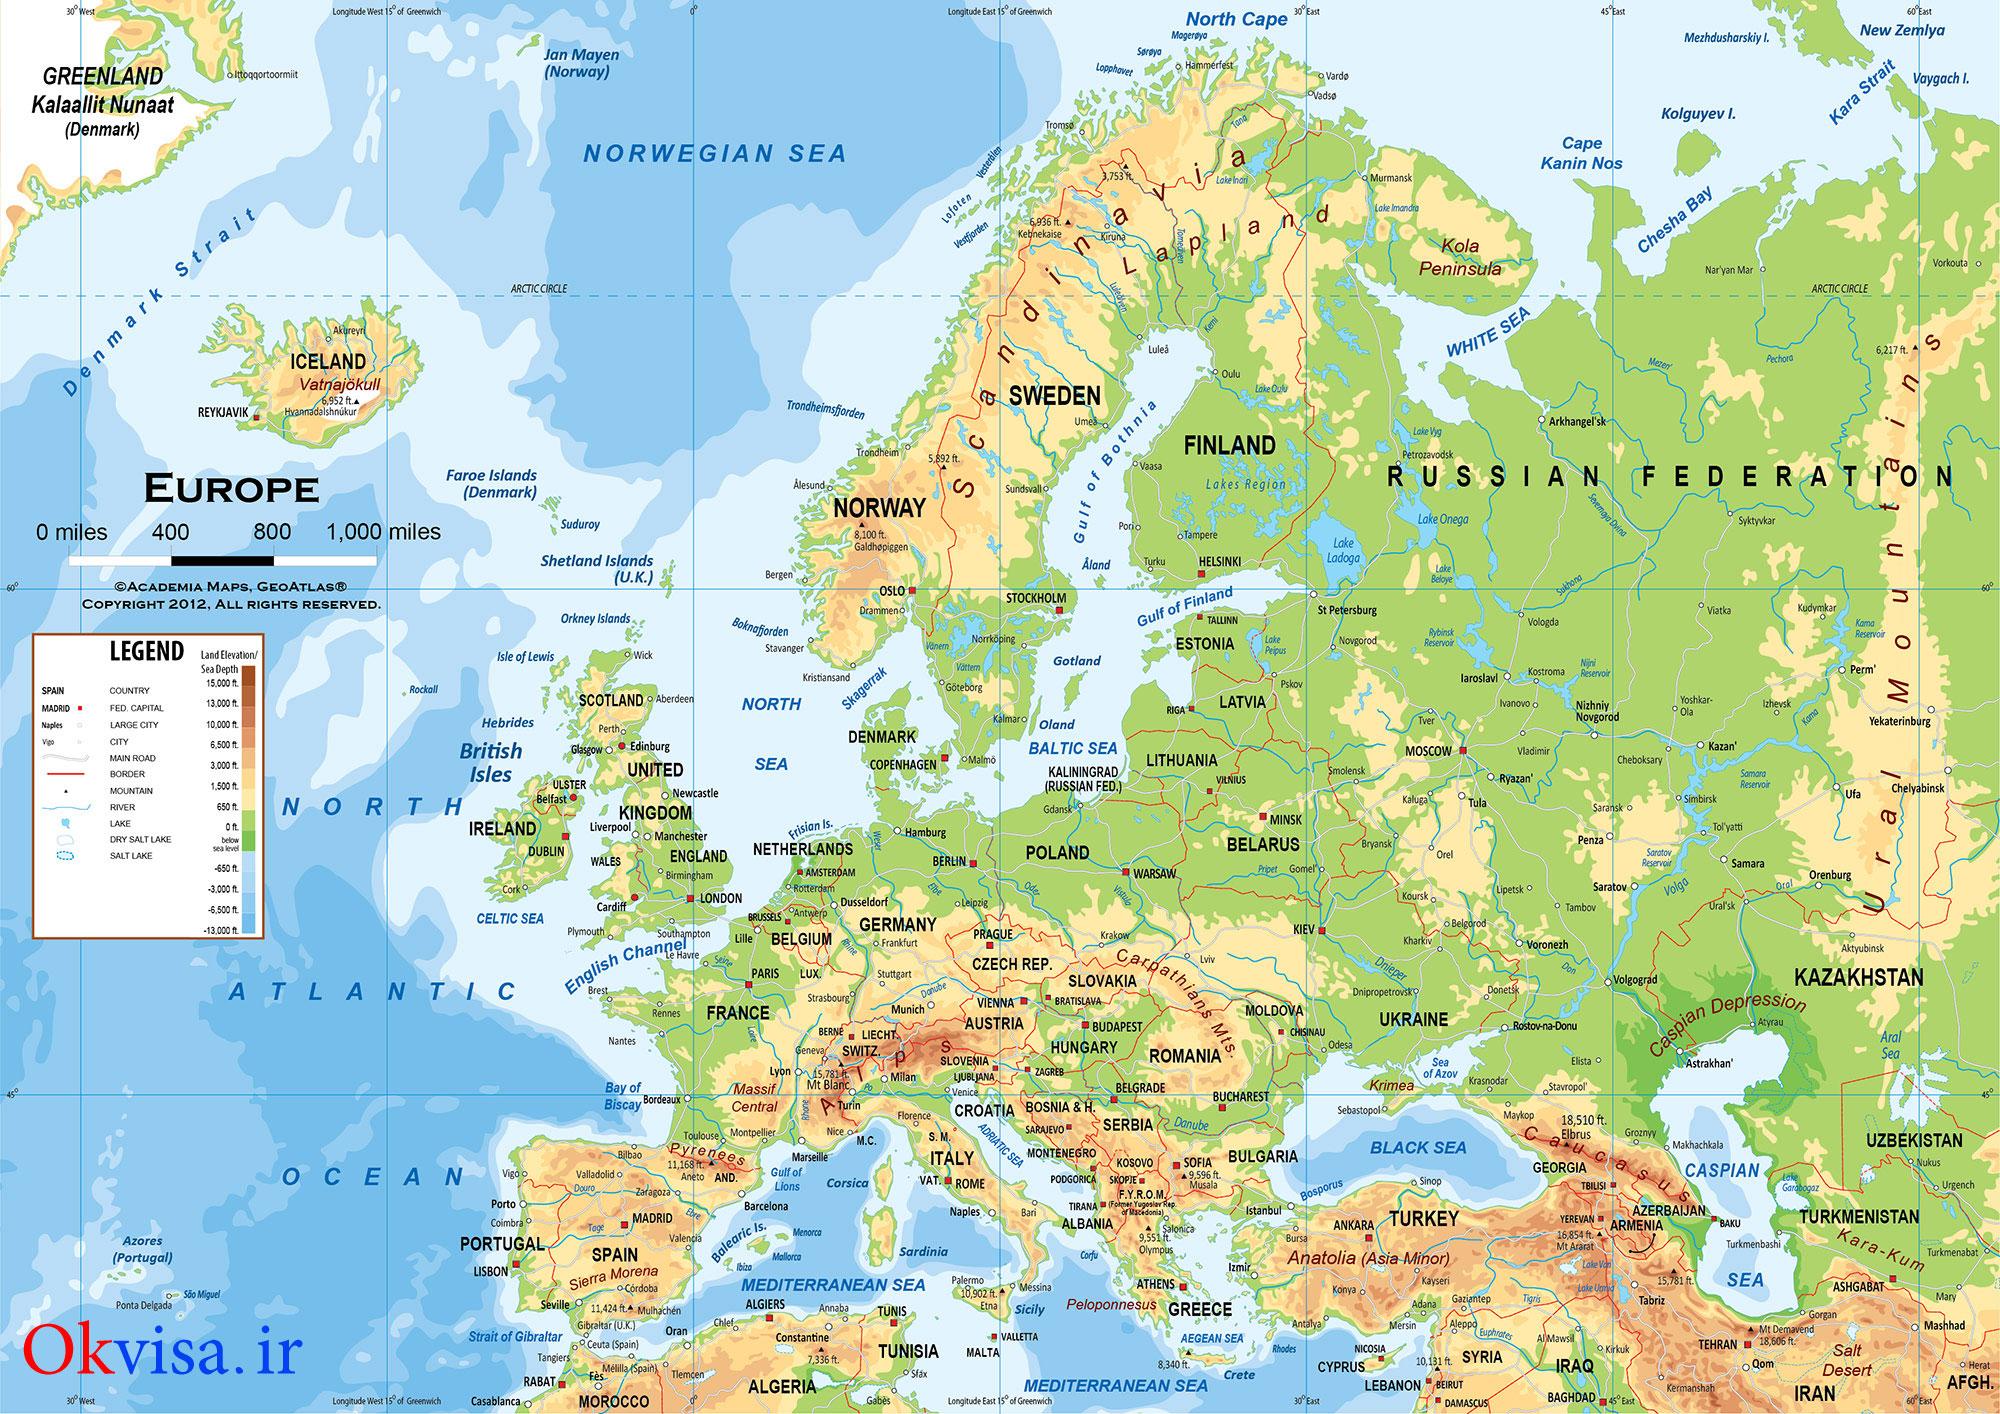 نقشه-اروپا-